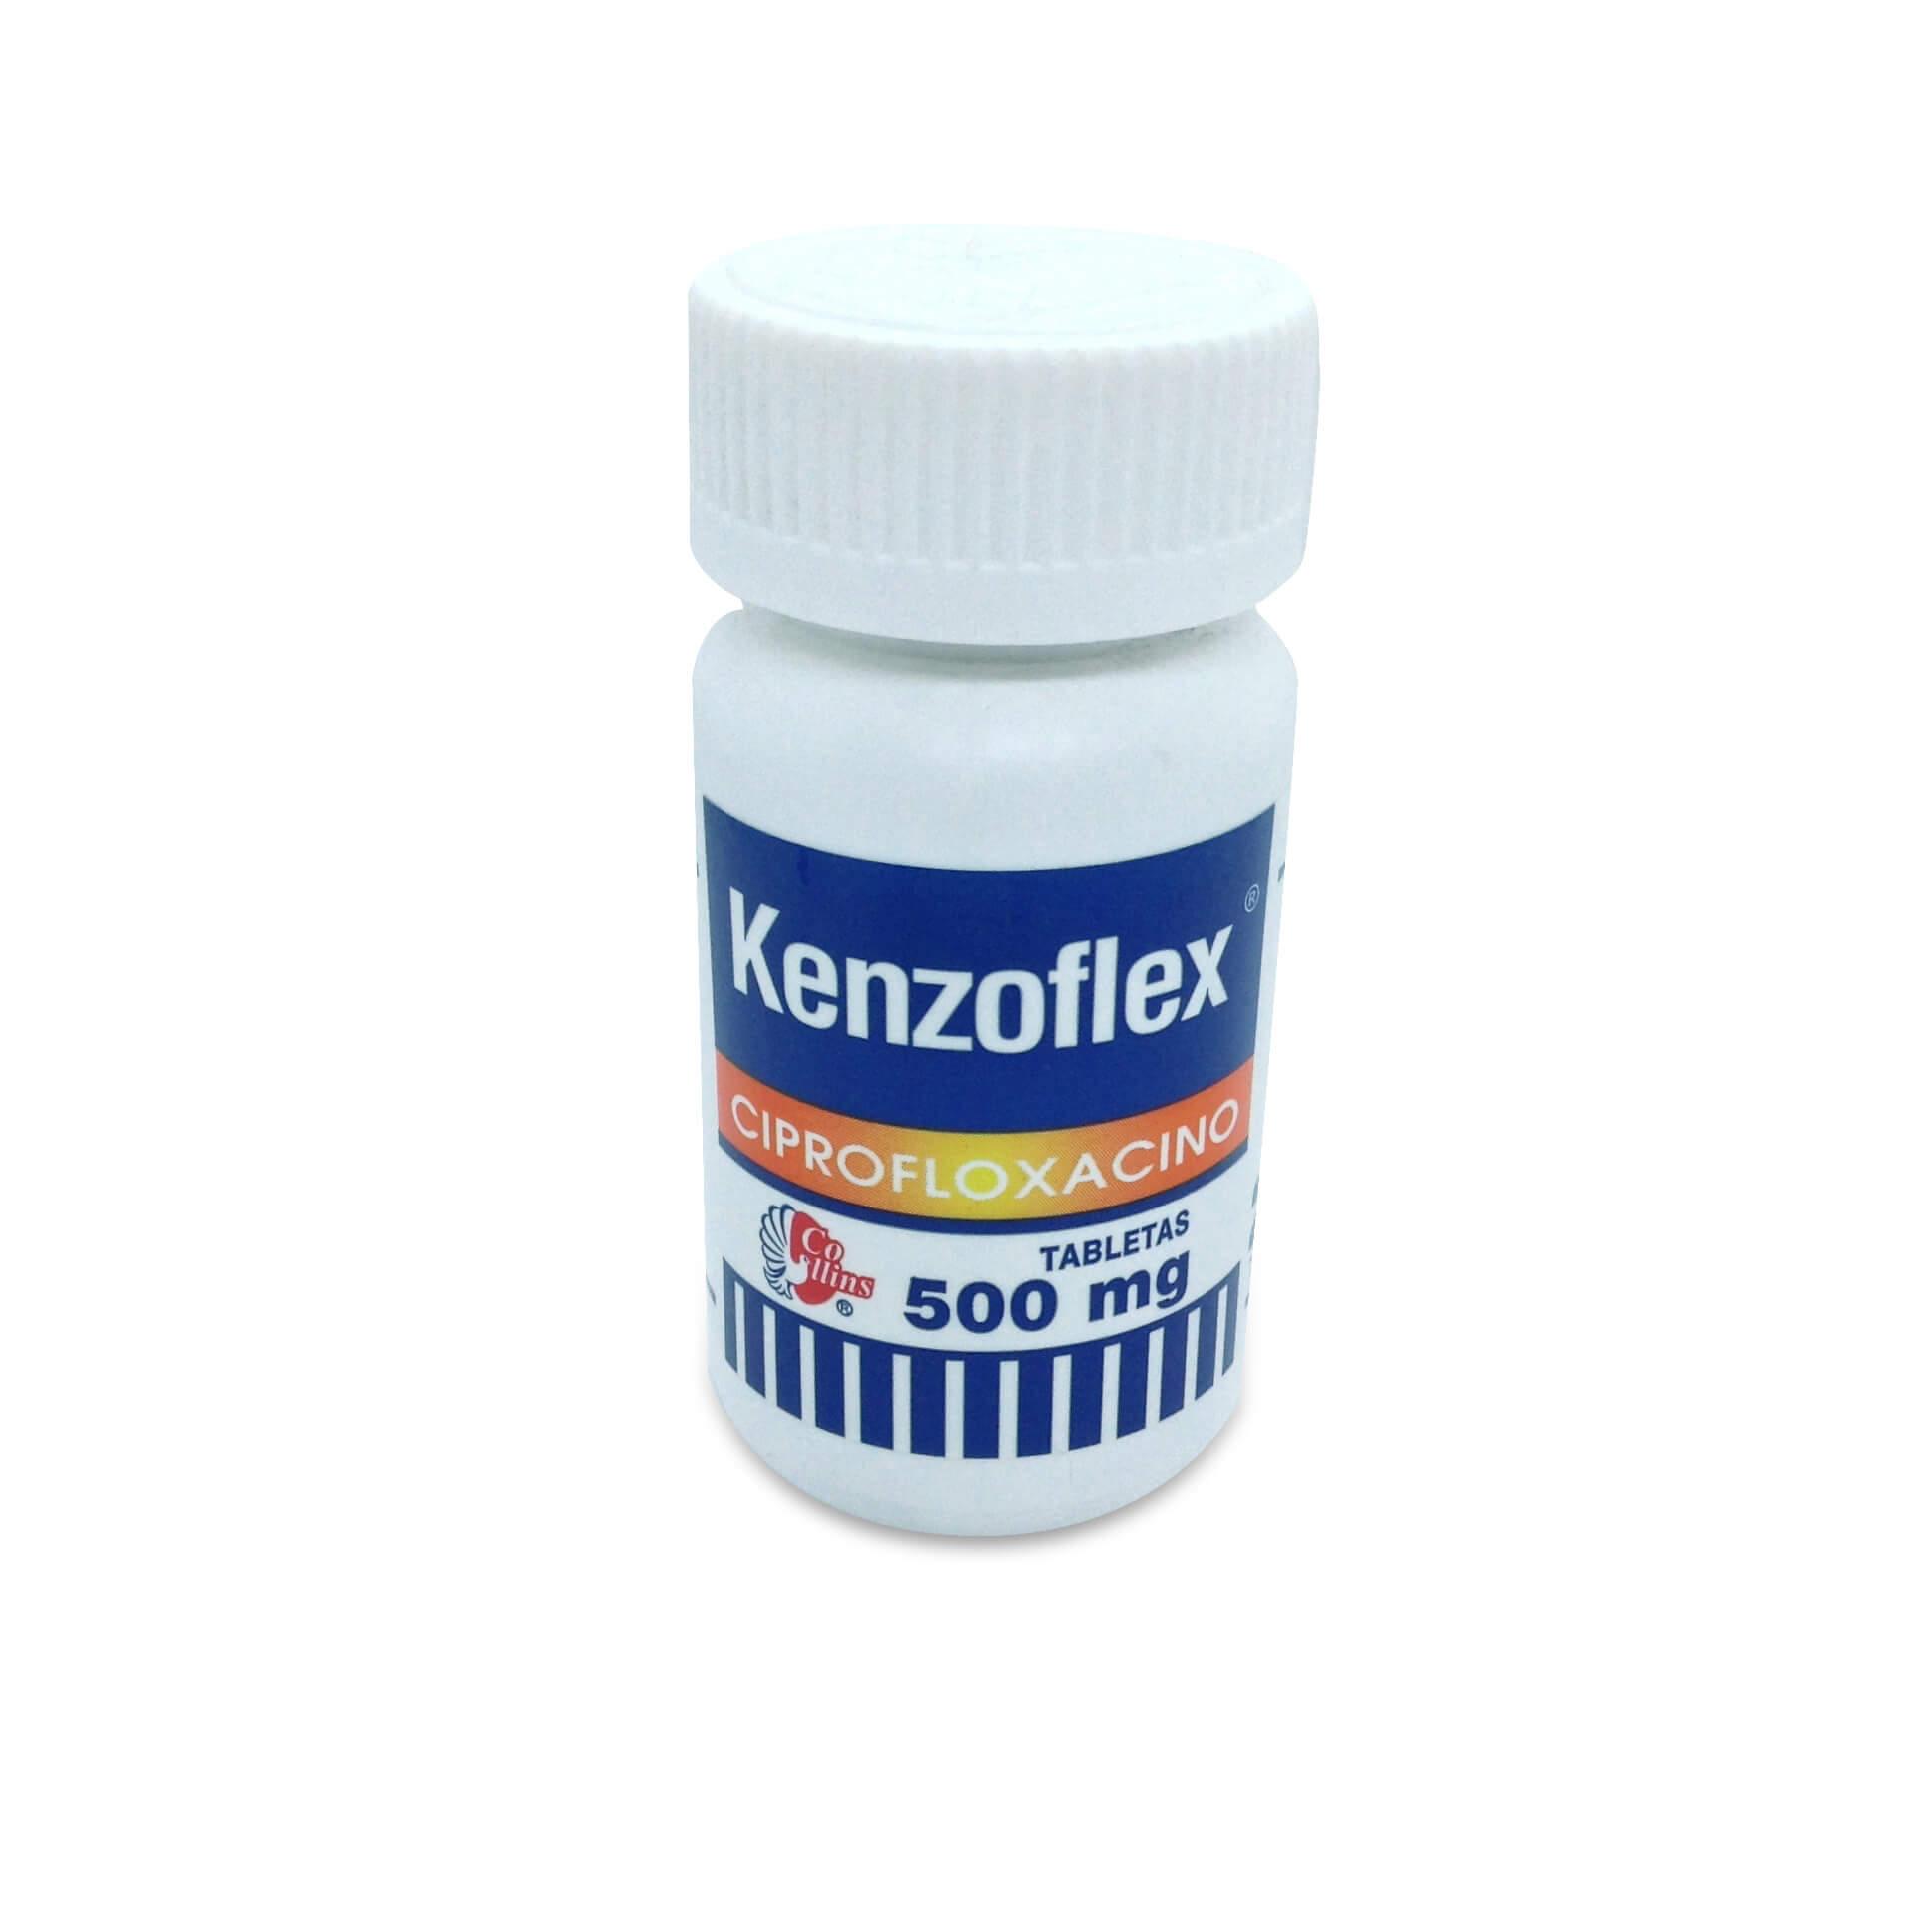 Kenzoflex